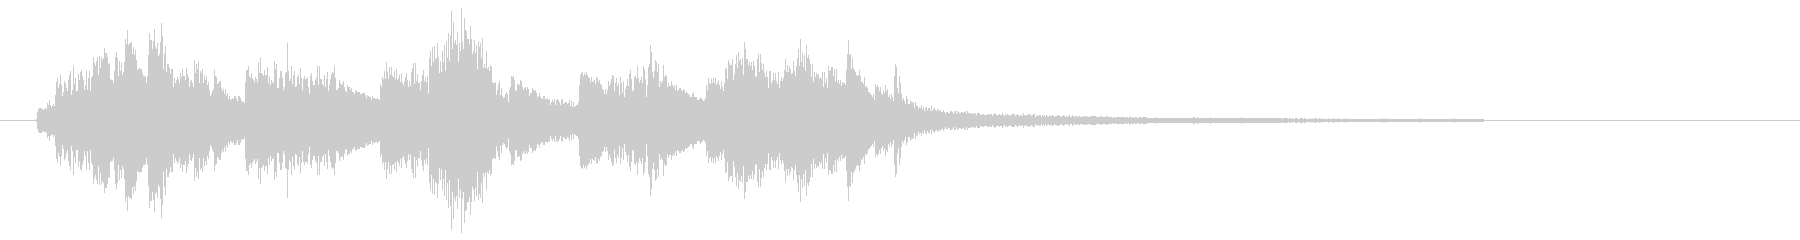 ジャジーなピアノ・ジングル・ロゴにの未再生の波形